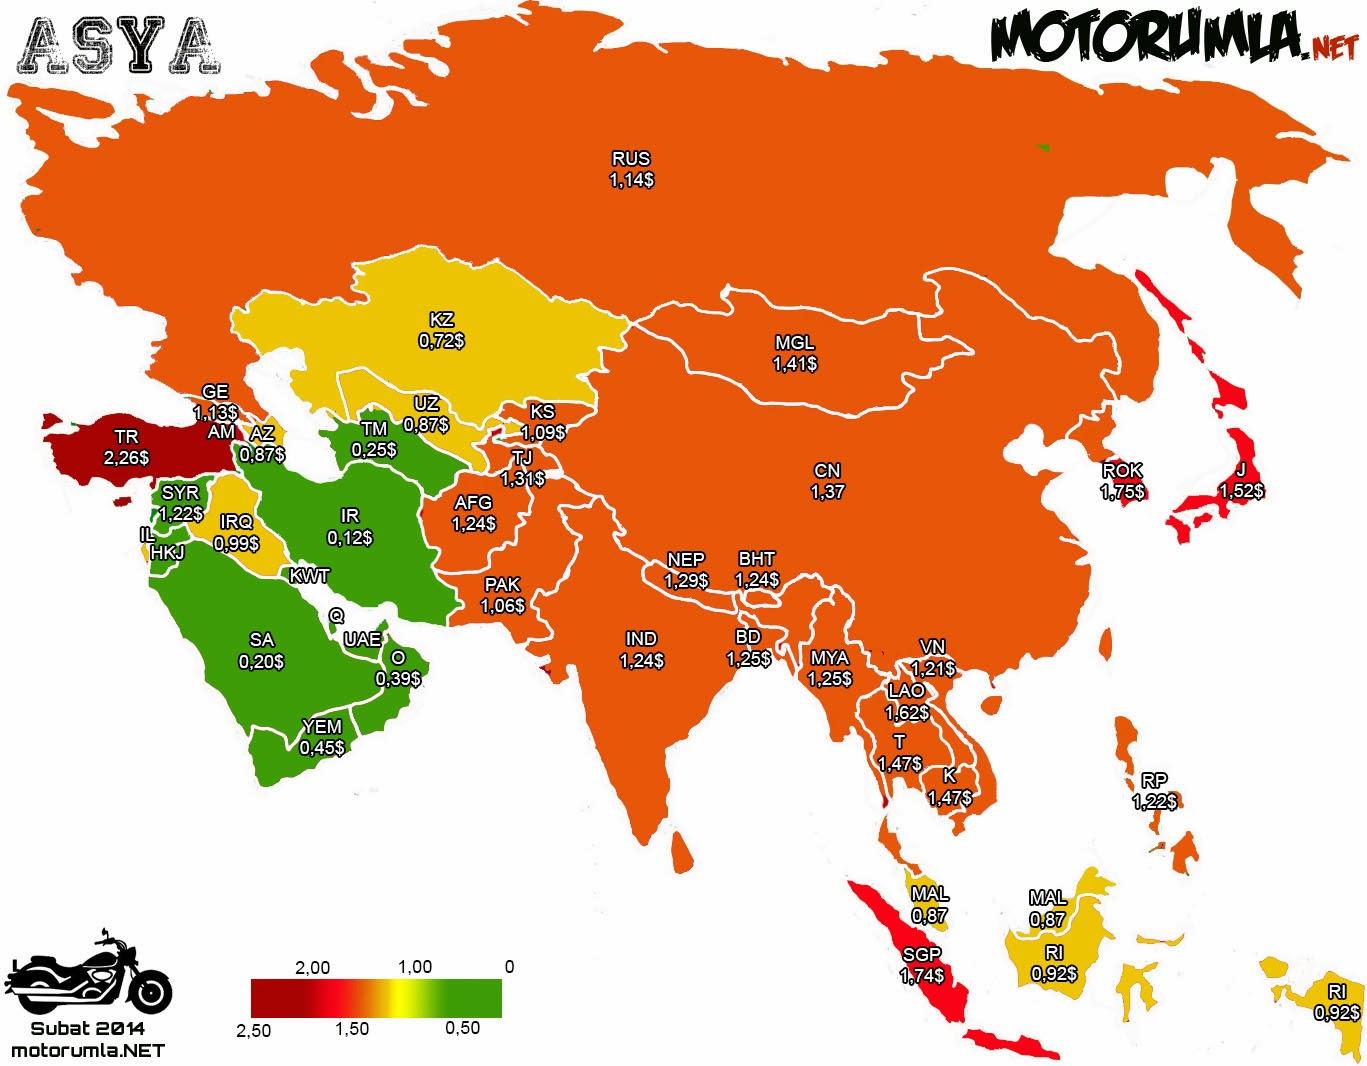 Asya Benzin Haritası.jpg